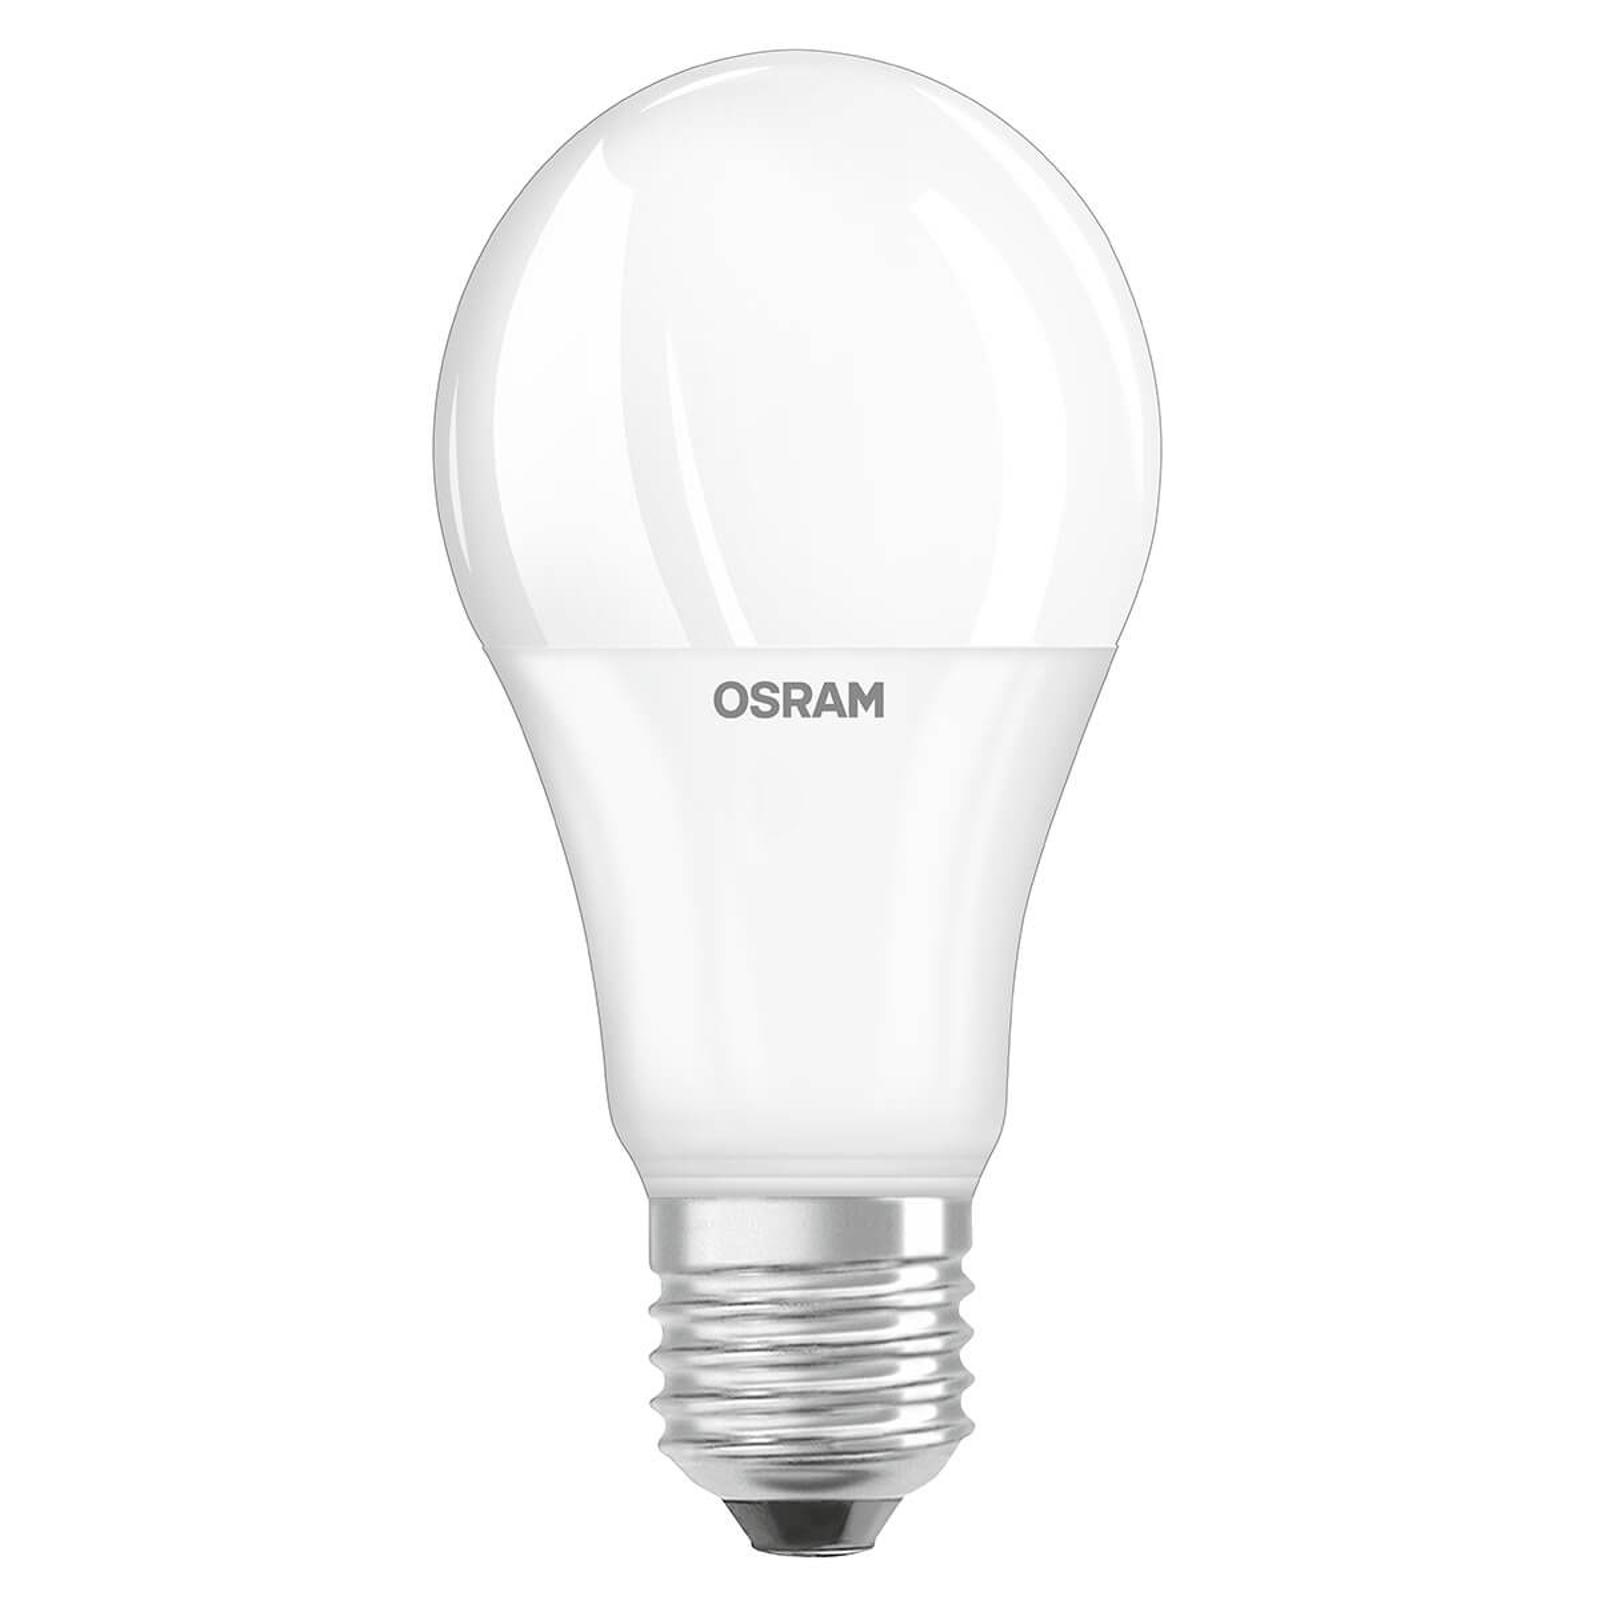 OSRAM LED-pære E27 6W opal dagslyssensor